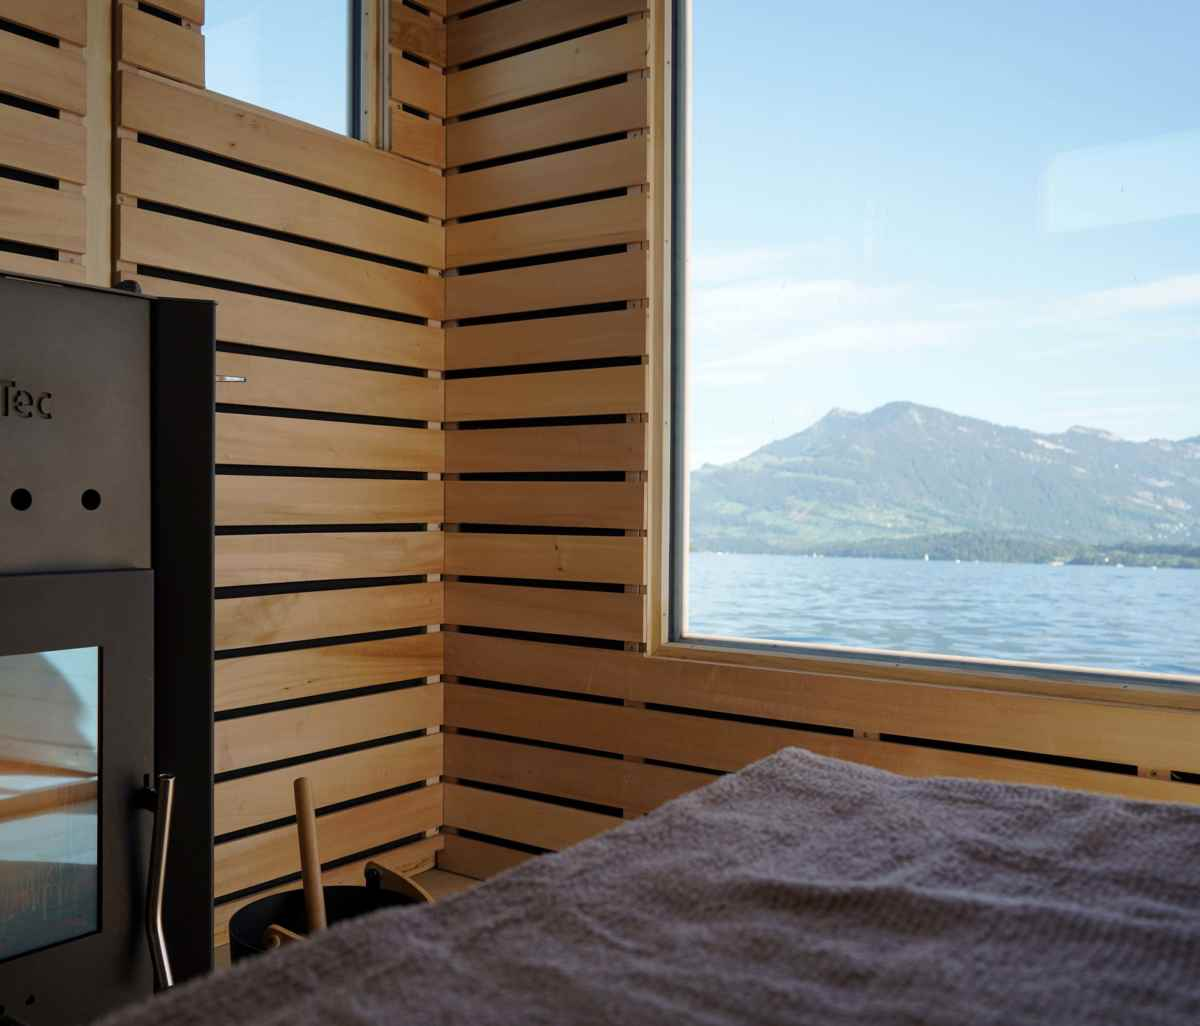 Saunaboot Long - das lange Sauna Erlebnis in Luzern mitten auf dem Vierwaldstättersee